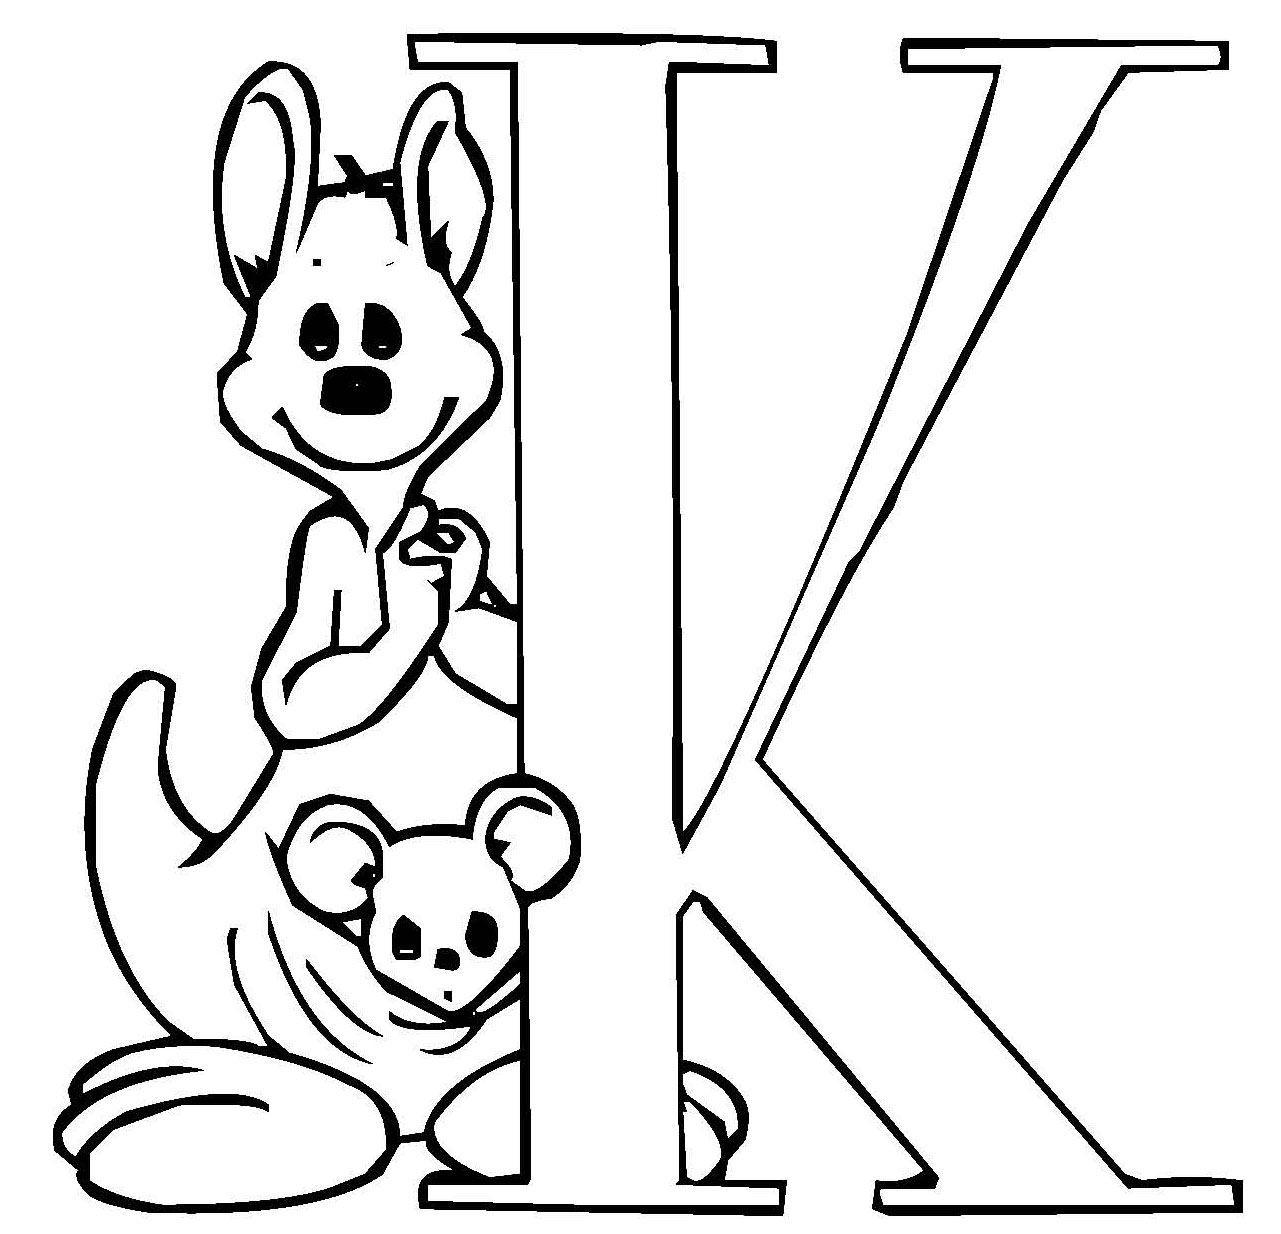 Ausmalbild Buchstaben lernen Kostenlose Malvorlage Niedliche Schrift K kostenlos ausdrucken